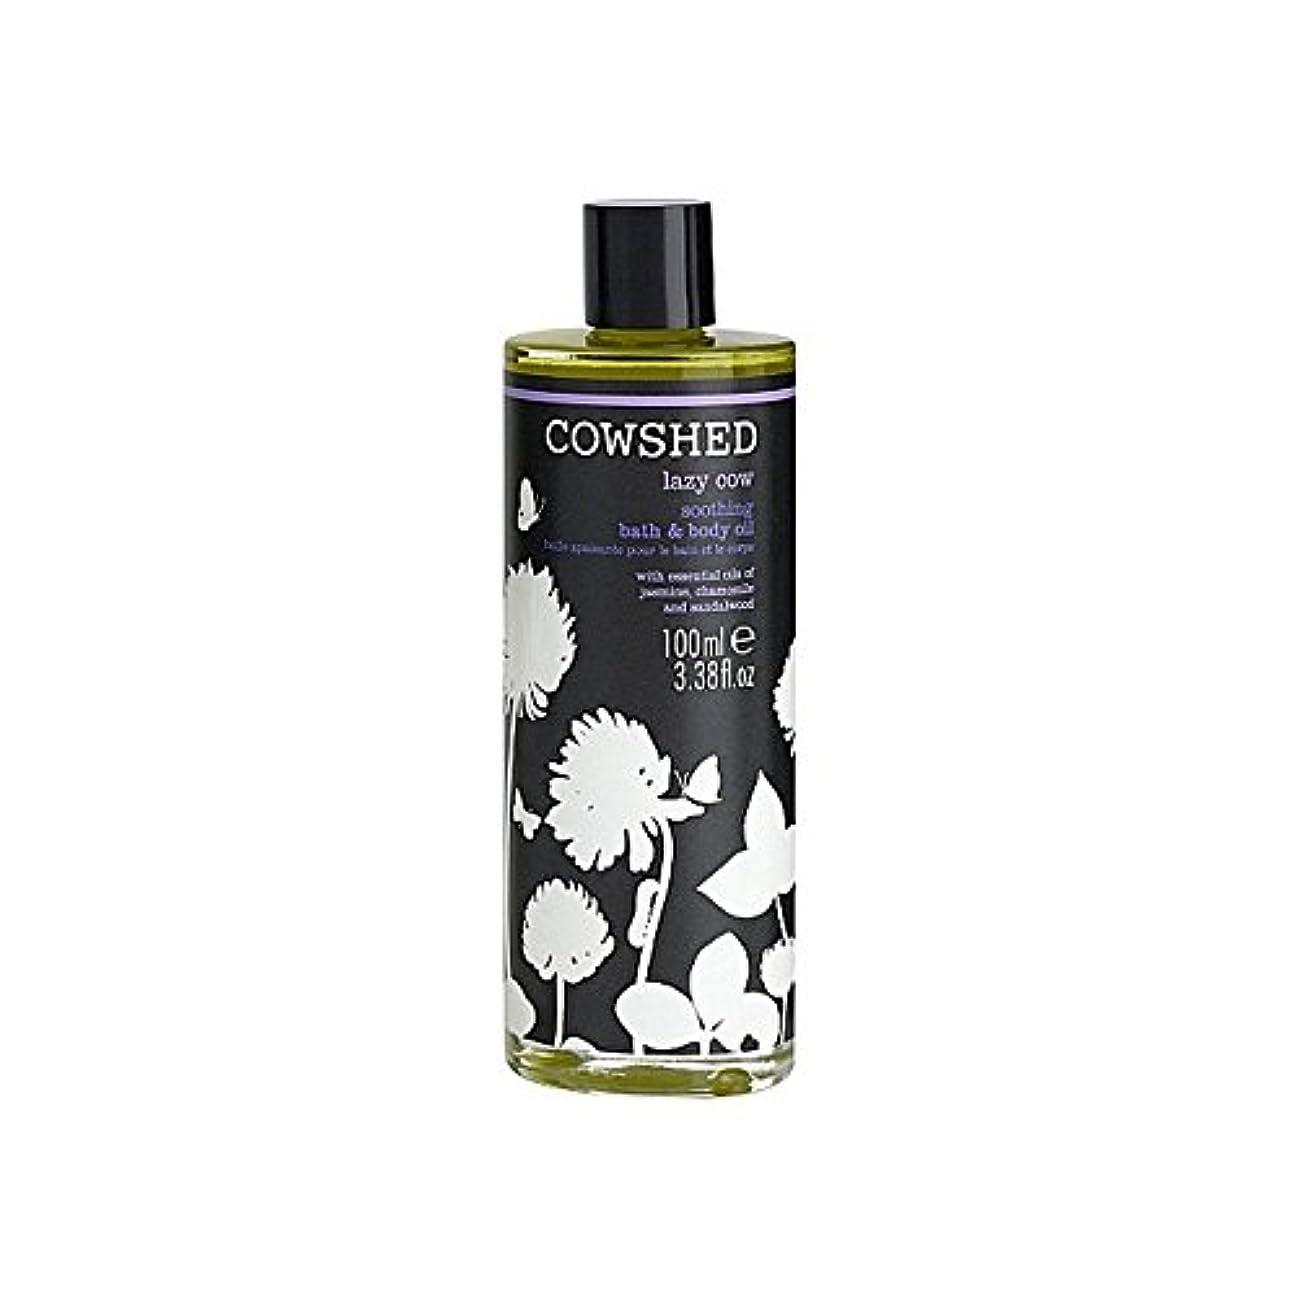 突然のたくさんルアーバス&ボディオイル100ミリリットルをなだめる牛舎怠惰な牛 x2 - Cowshed Lazy Cow Soothing Bath & Body Oil 100ml (Pack of 2) [並行輸入品]